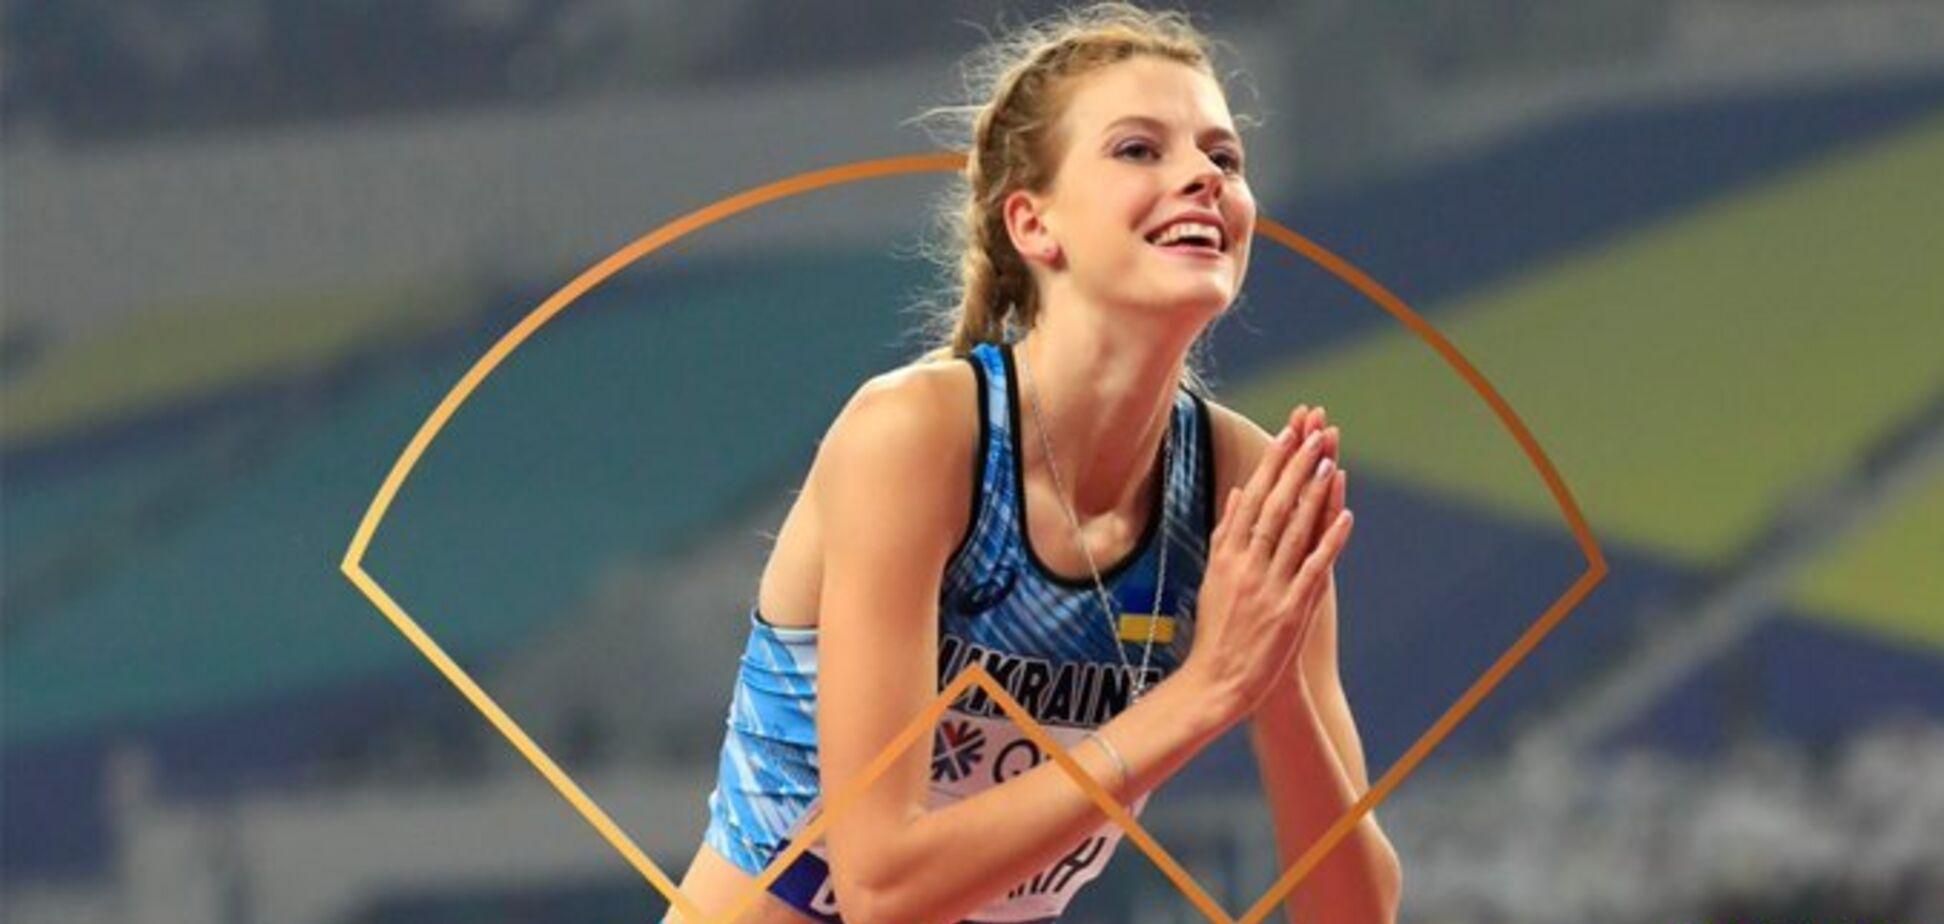 Красуня-українка визнана 'Висхідною зіркою' легкої атлетики